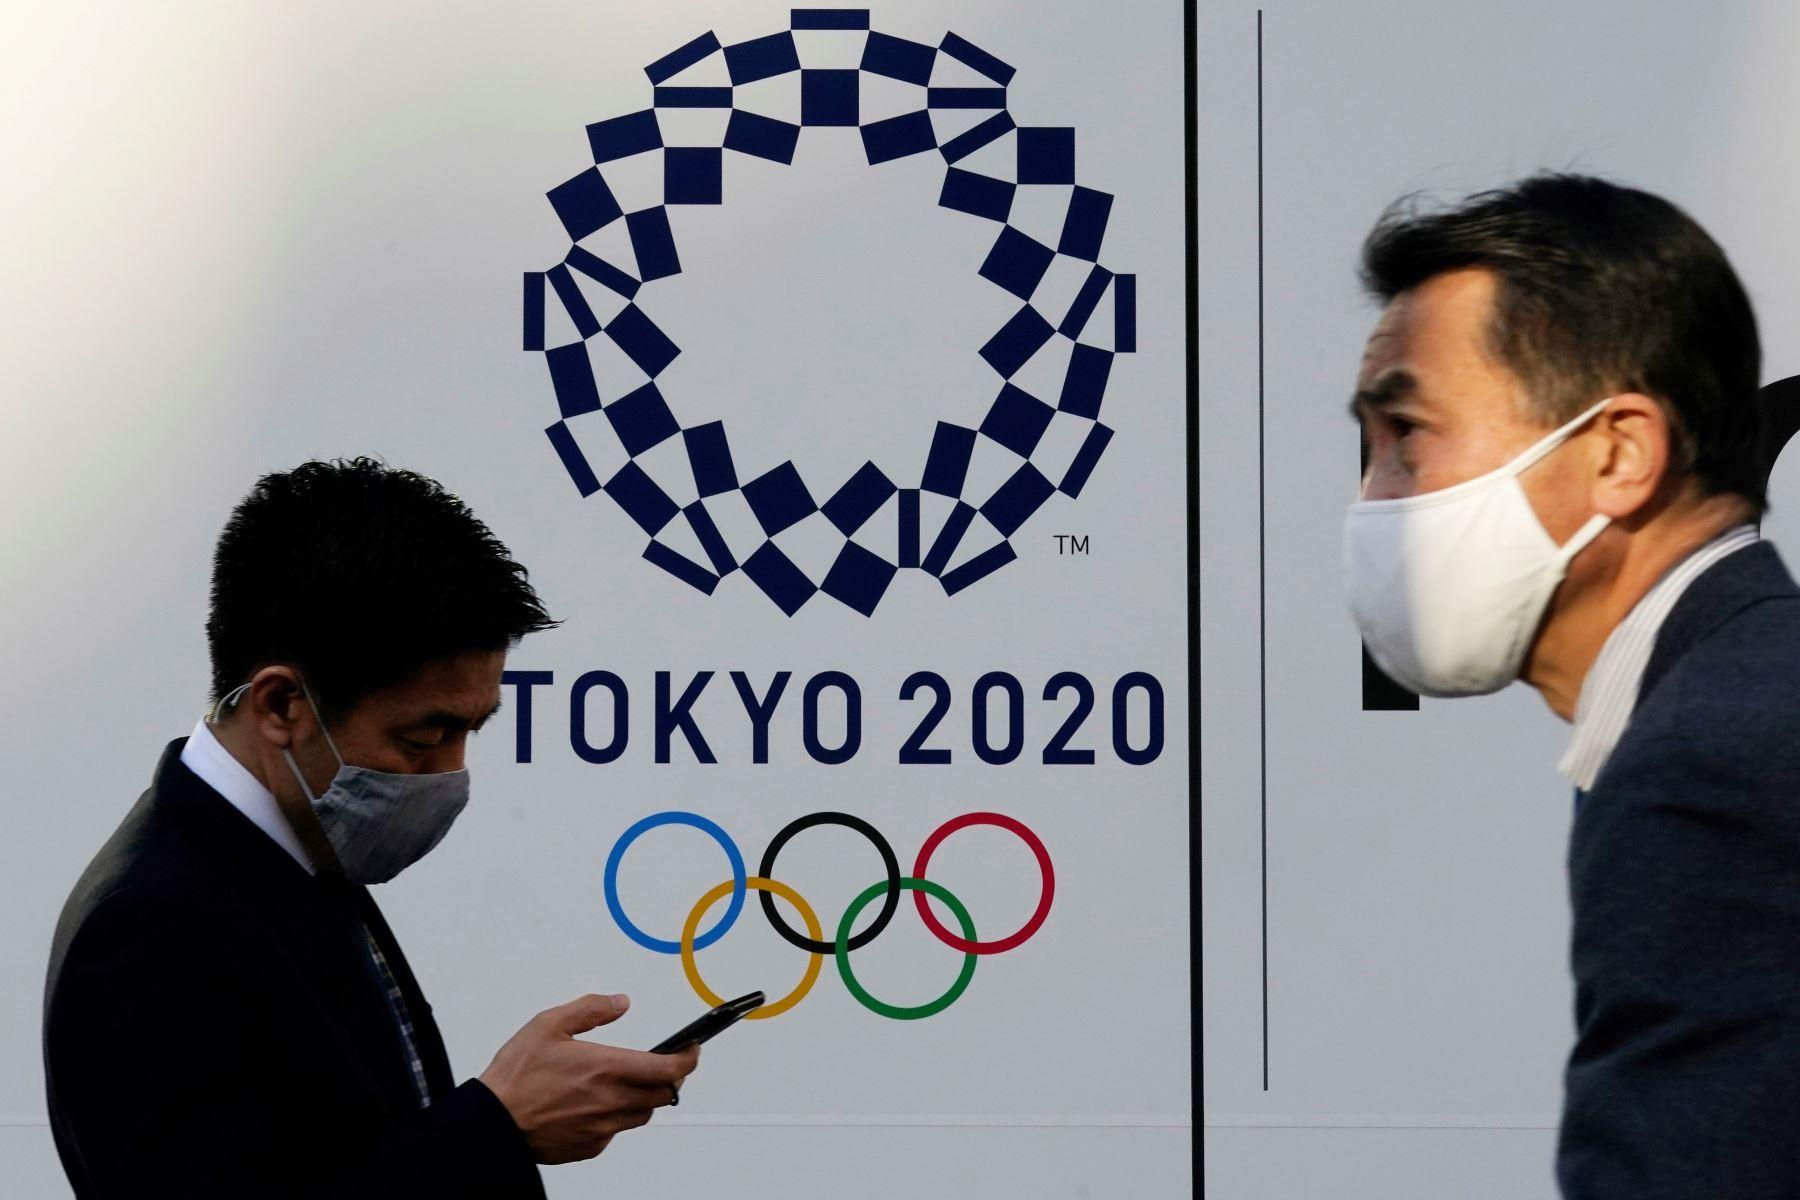 Los Juegos Olímpicos Tokio 2020 previstos para este verano, pero puestos en duda por rumores sobre su posible cancelación, van camino a convertirse en los más caros de la historia. Foto: EFE